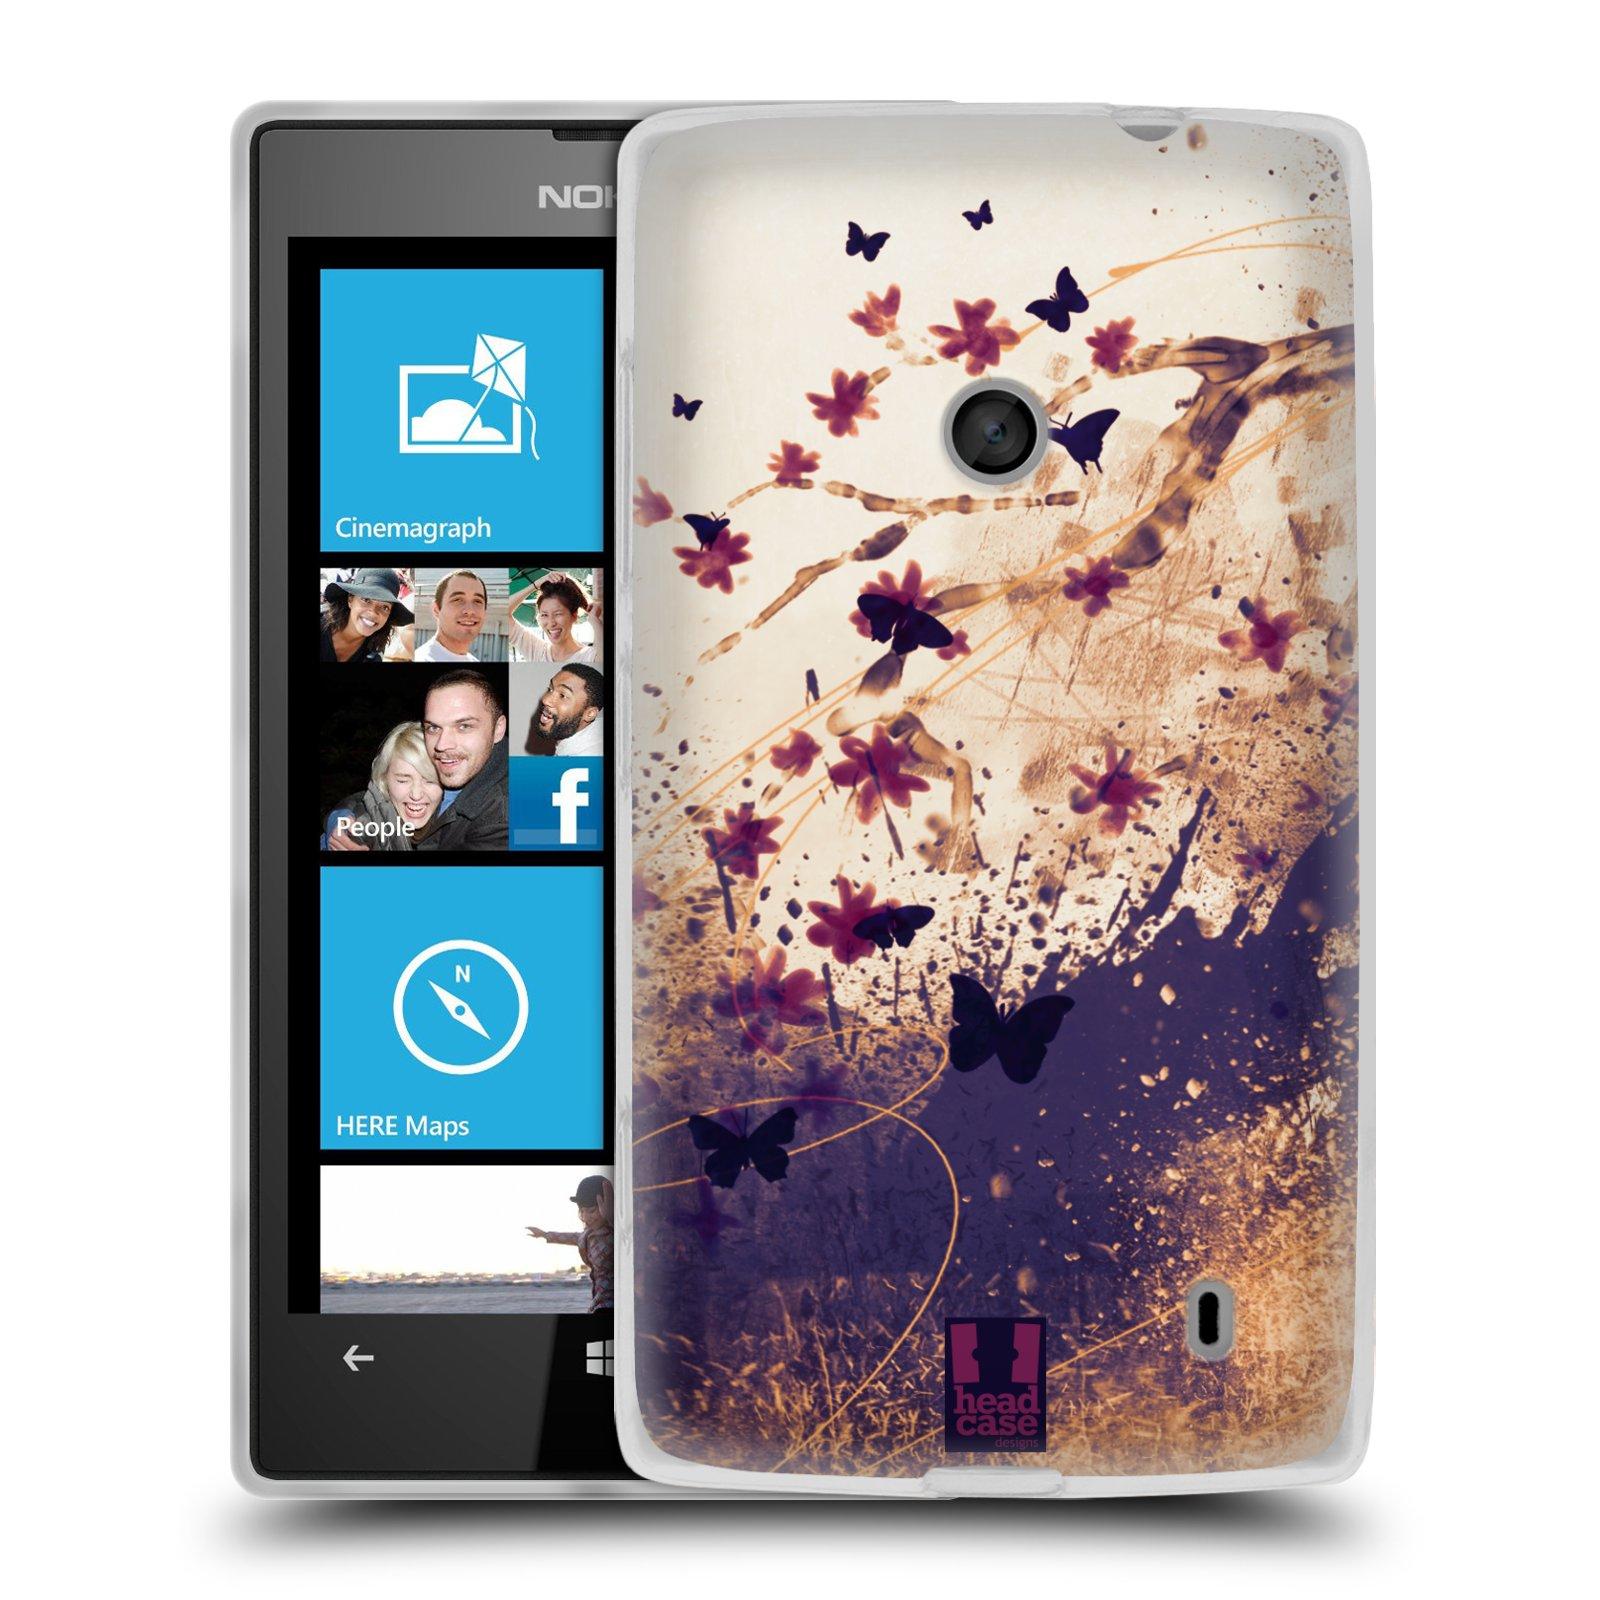 Silikonové pouzdro na mobil Nokia Lumia 520 HEAD CASE MOTÝLCI (Silikonový Kryt či obal na mobilní telefon Nokia Lumia 520)